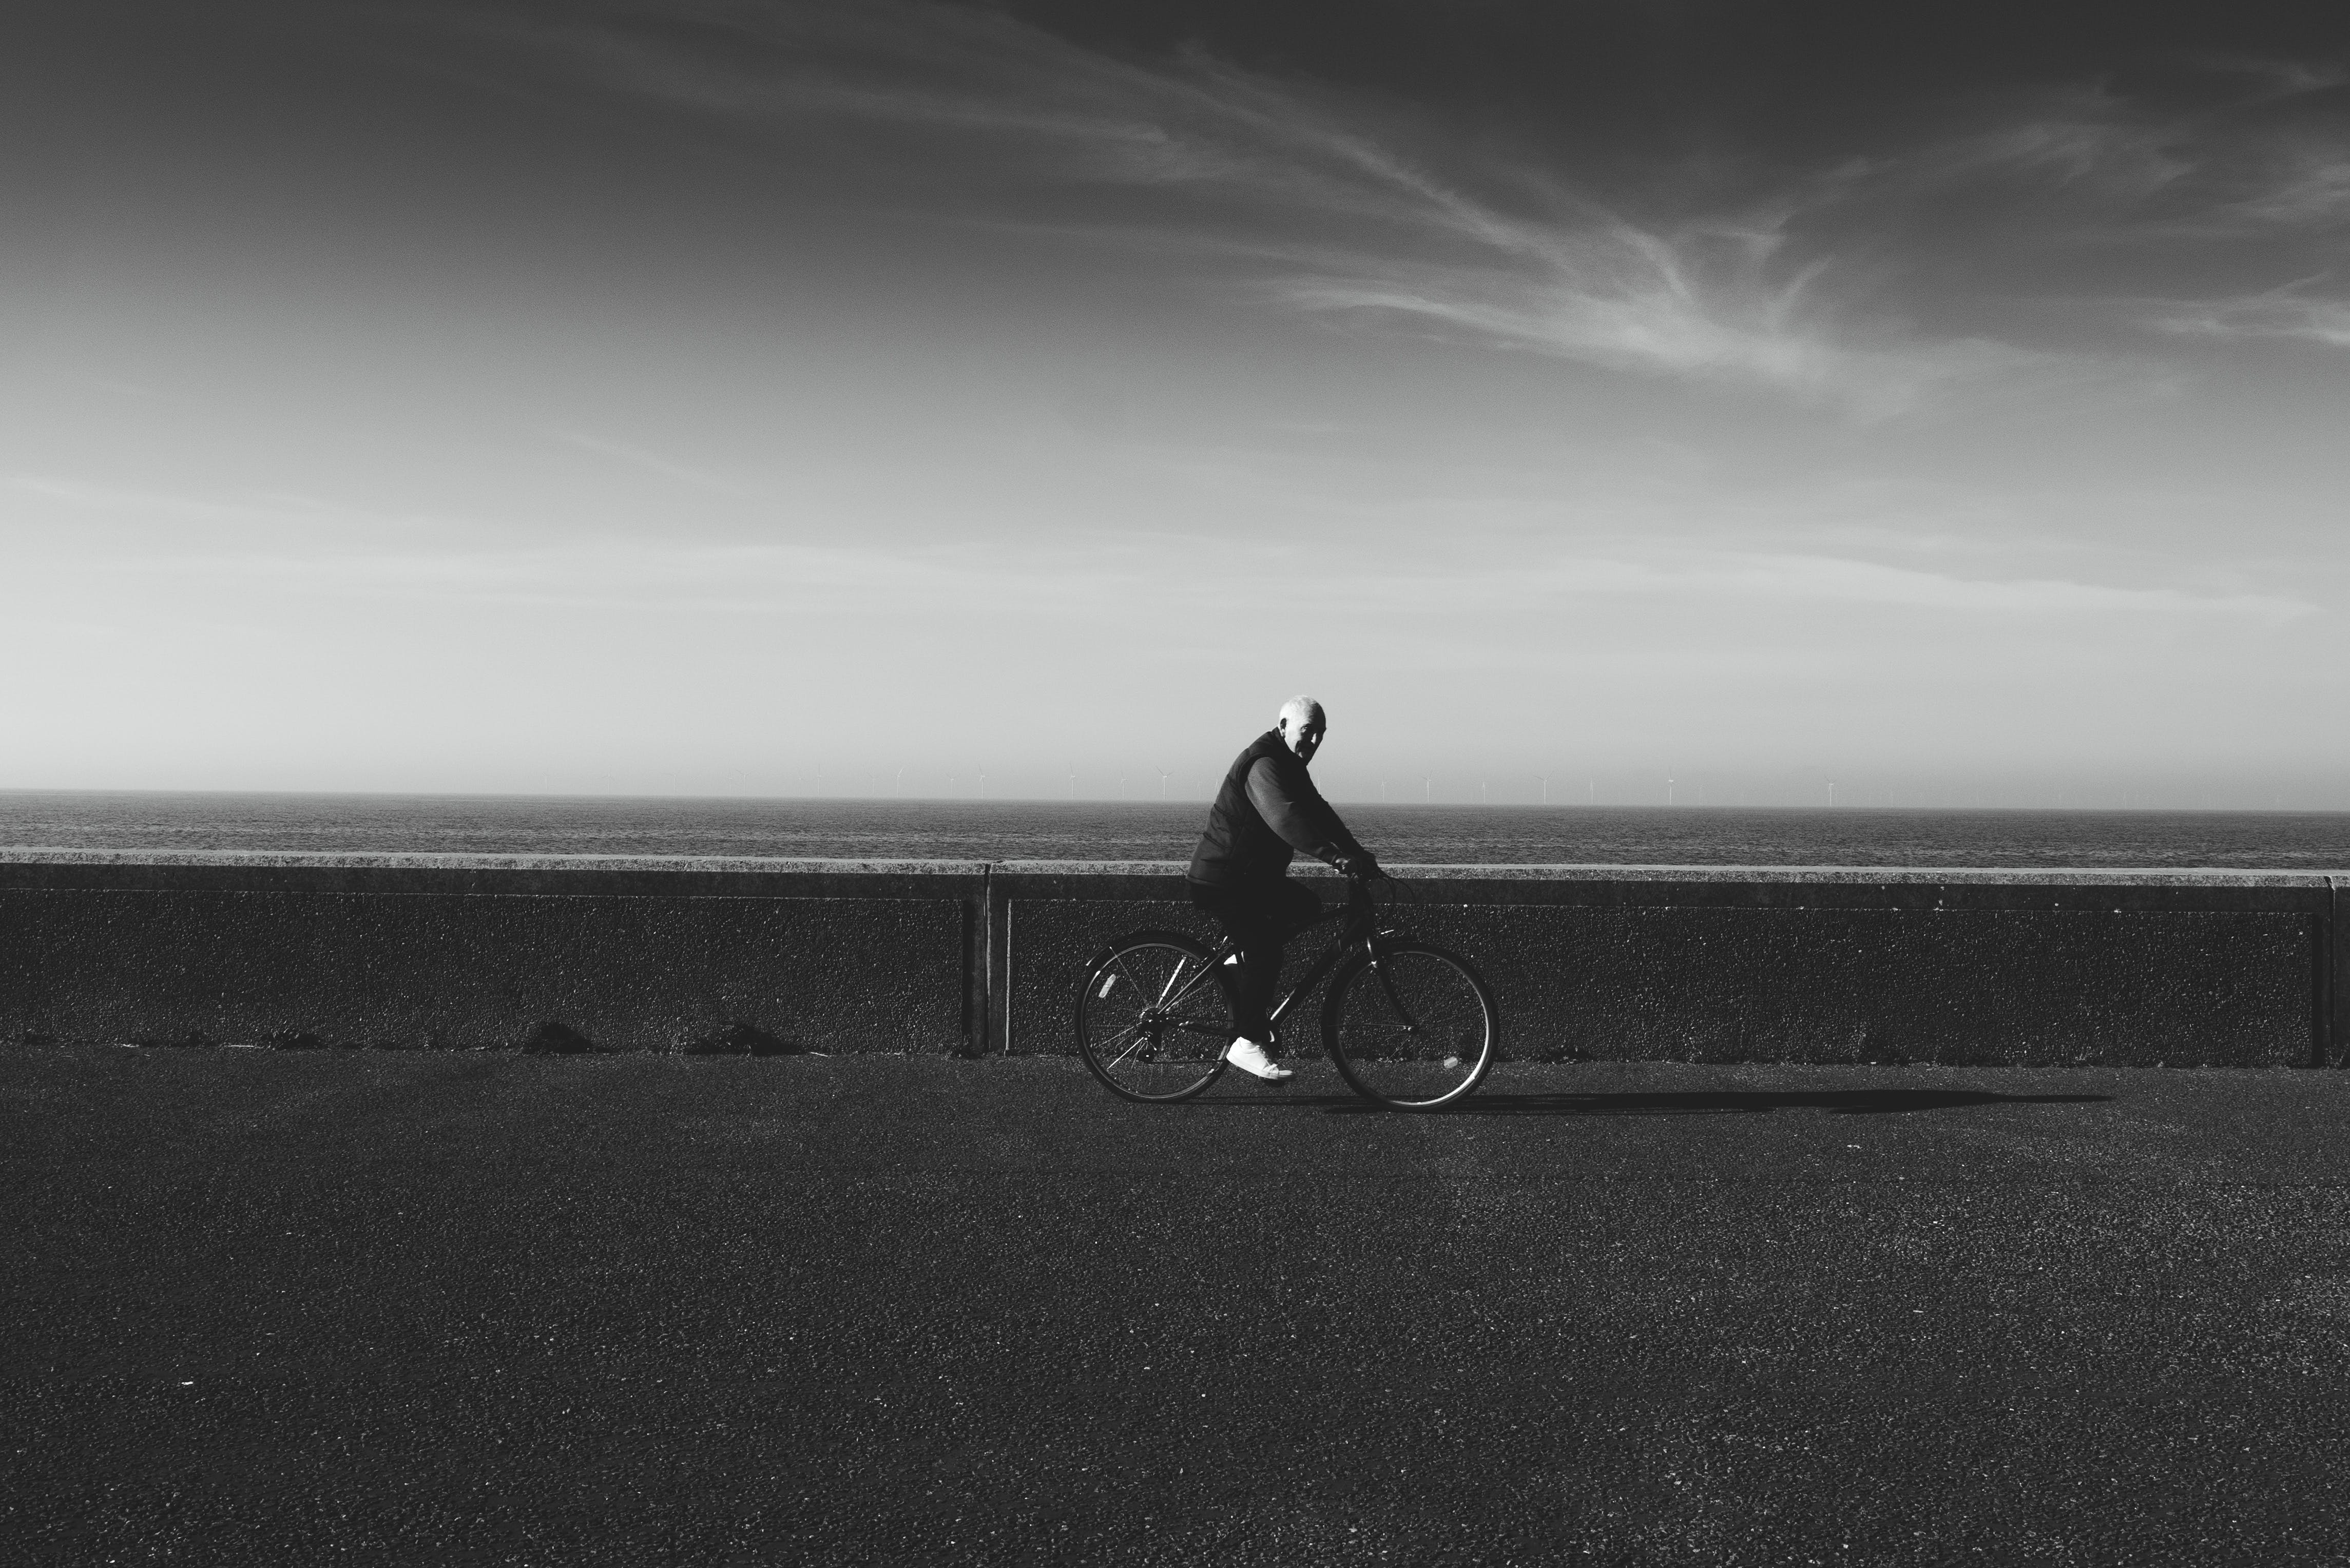 Kostenloses Stock Foto zu erwachsener, fahrrad, landschaft, person